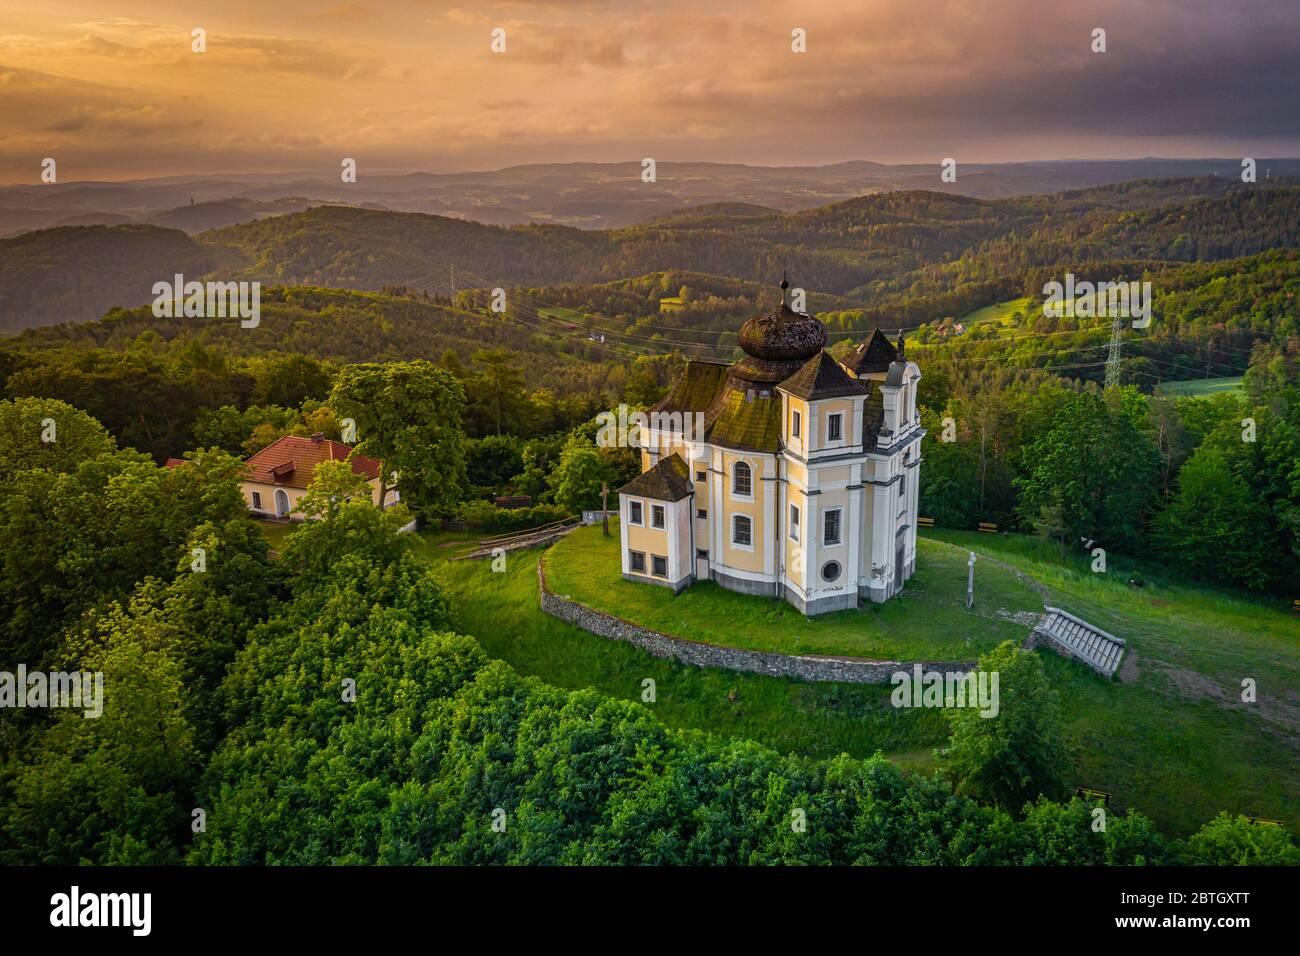 La montagne du pavot est un sommet des collines de Benesov et un lieu de pèlerinage important. Église baroque de Saint Jean-Baptiste et de la Vierge Marie. Banque D'Images